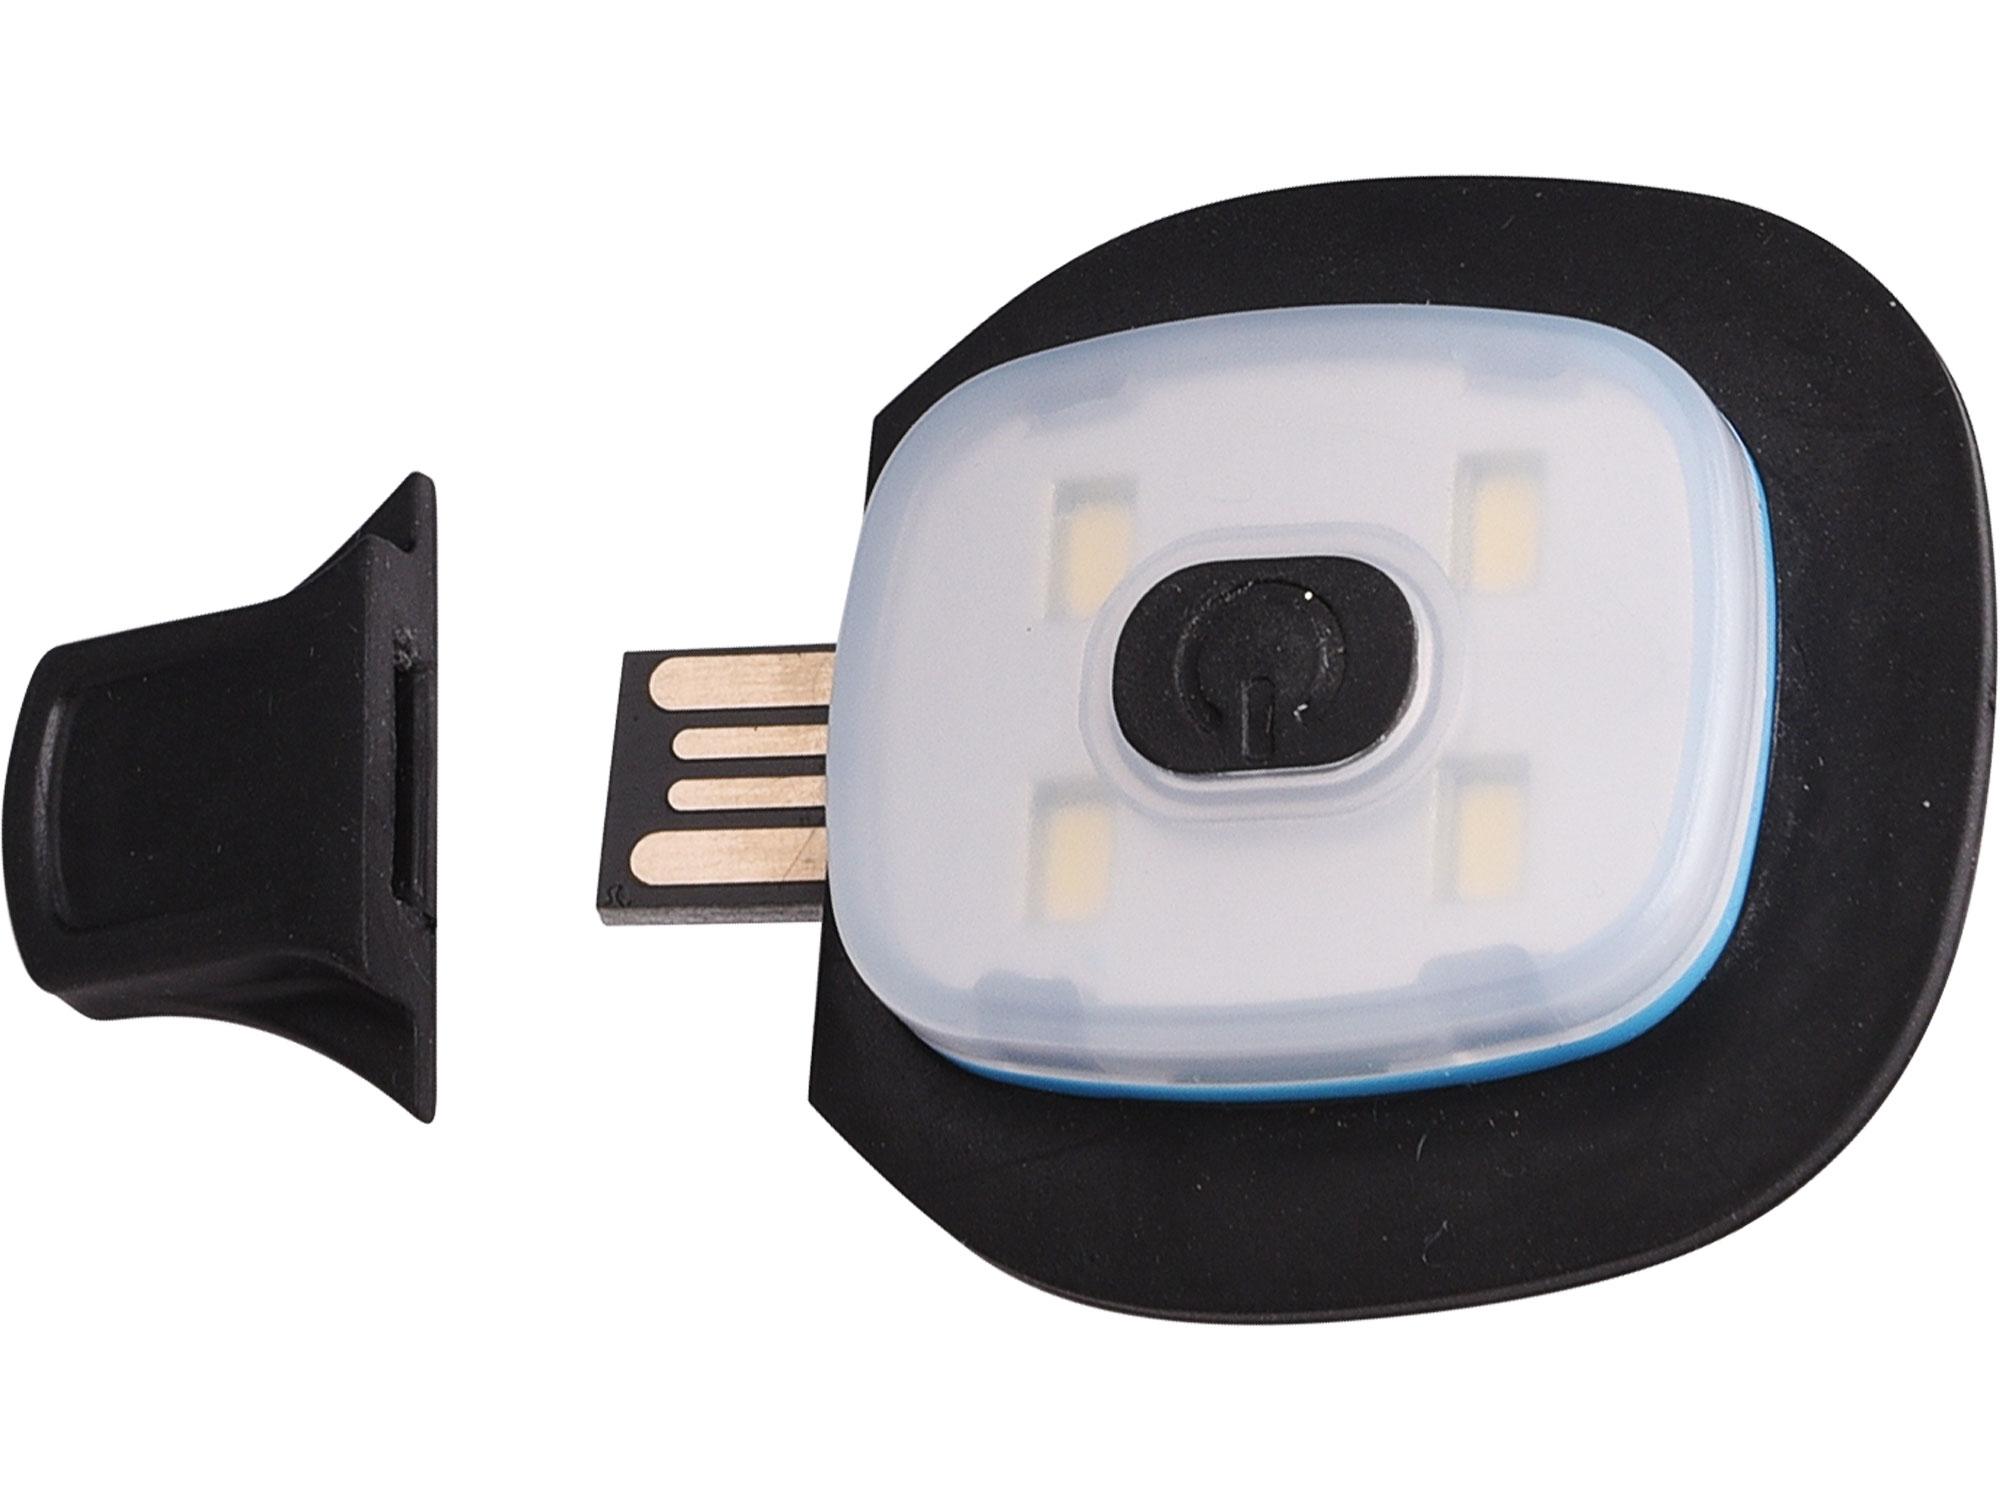 světlo do čepice, náhradní, USB nabíjení